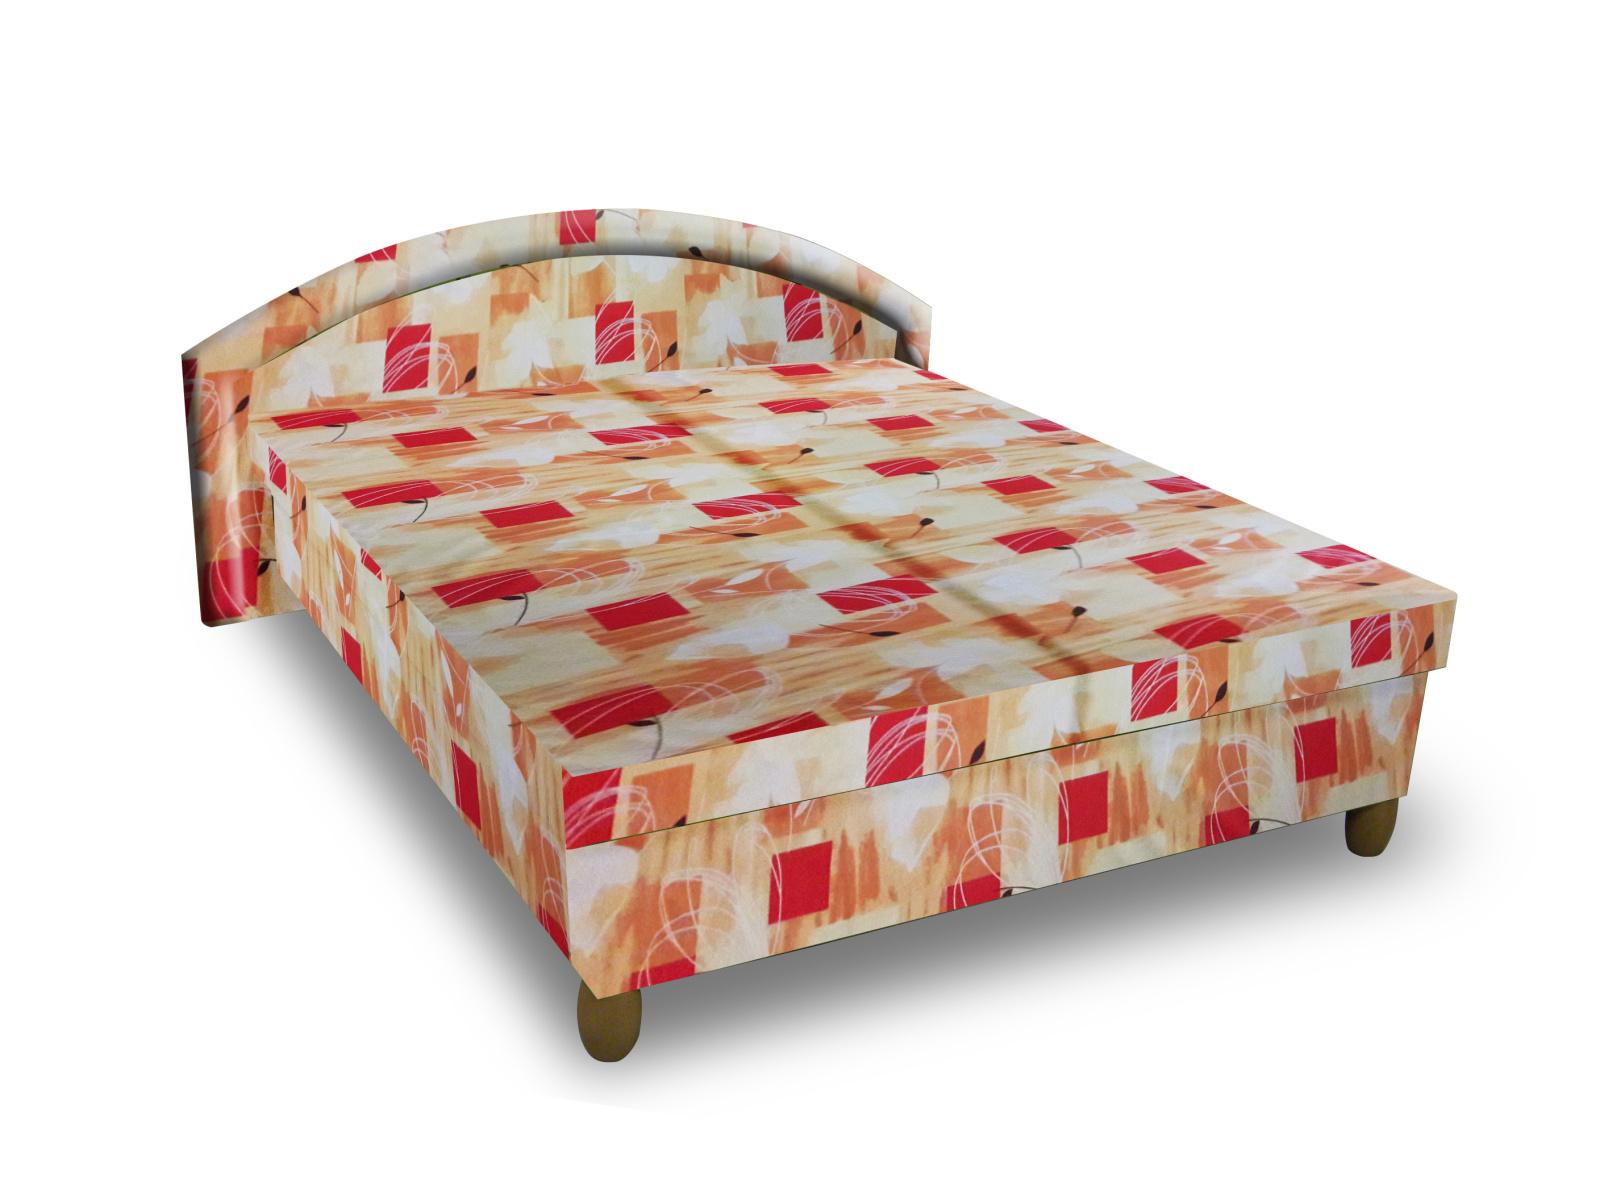 Smartshop Čalouněná postel MAGDA 160x195 cm, oranžová látka